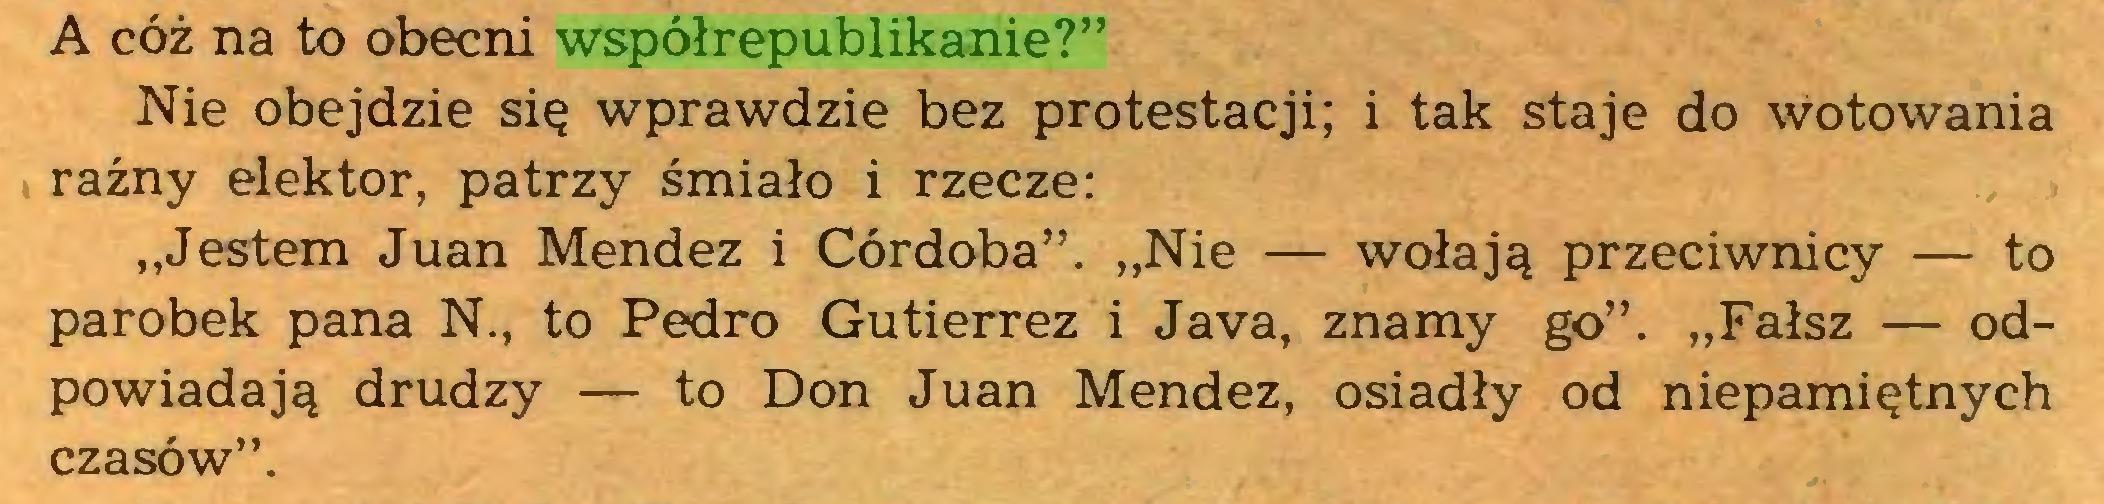 """(...) A cóż na to obecni współrepublikanie?"""" Nie obejdzie się wprawdzie bez protestacji; i tak staje do wotowania raźny elektor, patrzy śmiało i rzecze: """"Jestem Juan Mendez i Córdoba"""". """"Nie — wołają przeciwnicy — to parobek pana N., to Pedro Gutierrez i Java, znamy go"""". """"Fałsz — odpowiadają drudzy — to Don Juan Mendez, osiadły od niepamiętnych czasów""""..."""